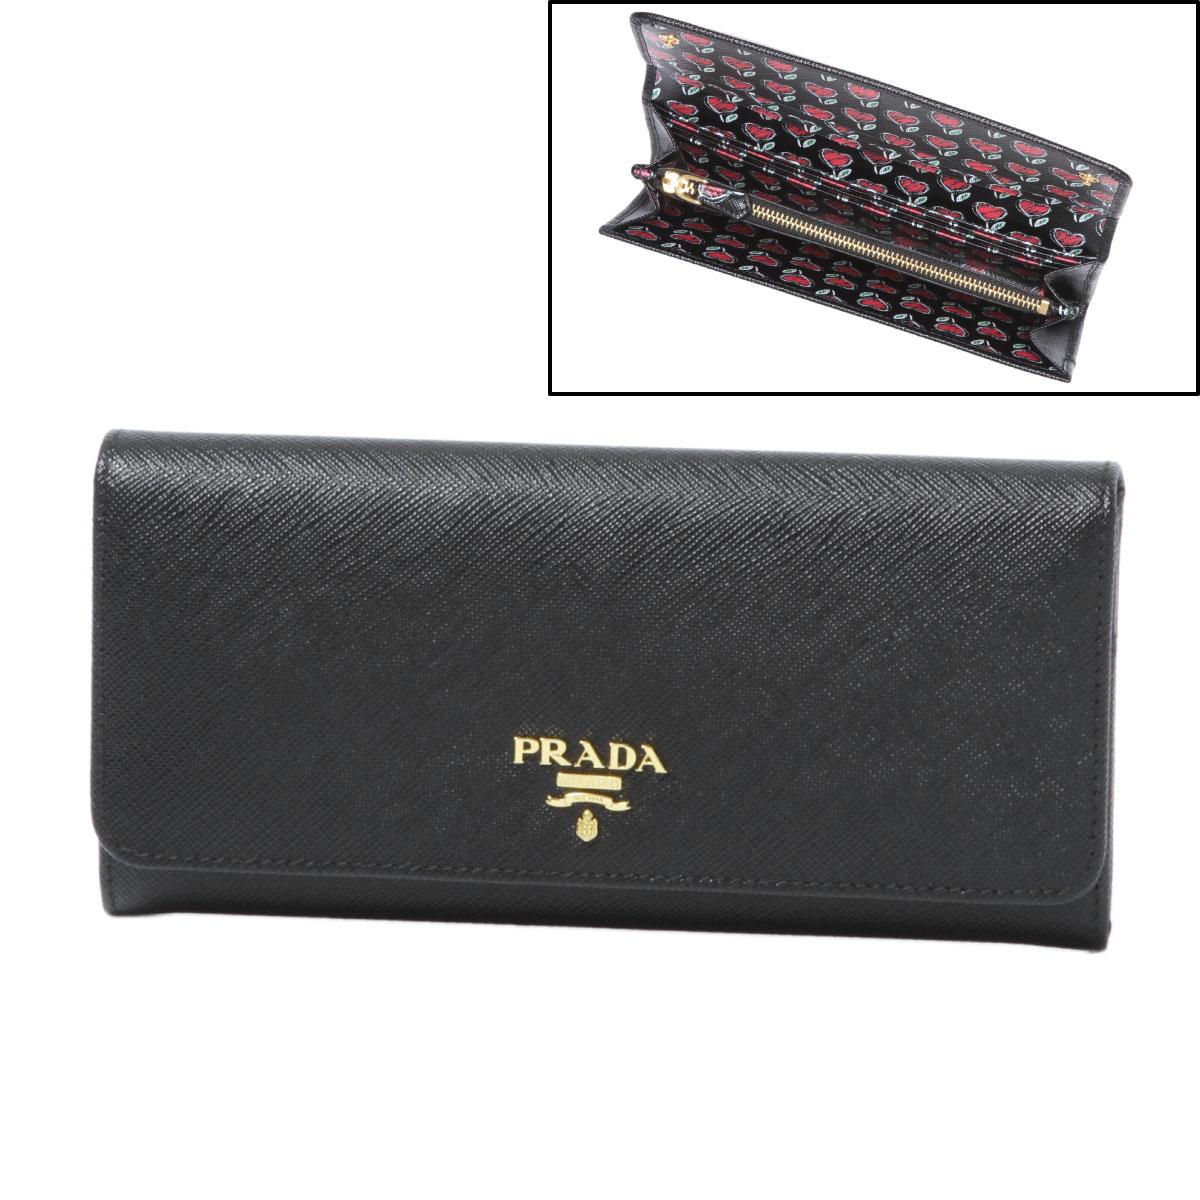 プラダ PRADA 財布 レディース 1MH132 2BFM F0002 二つ折り長財布 SAFFIANO+ST.LOV NERO ブラック